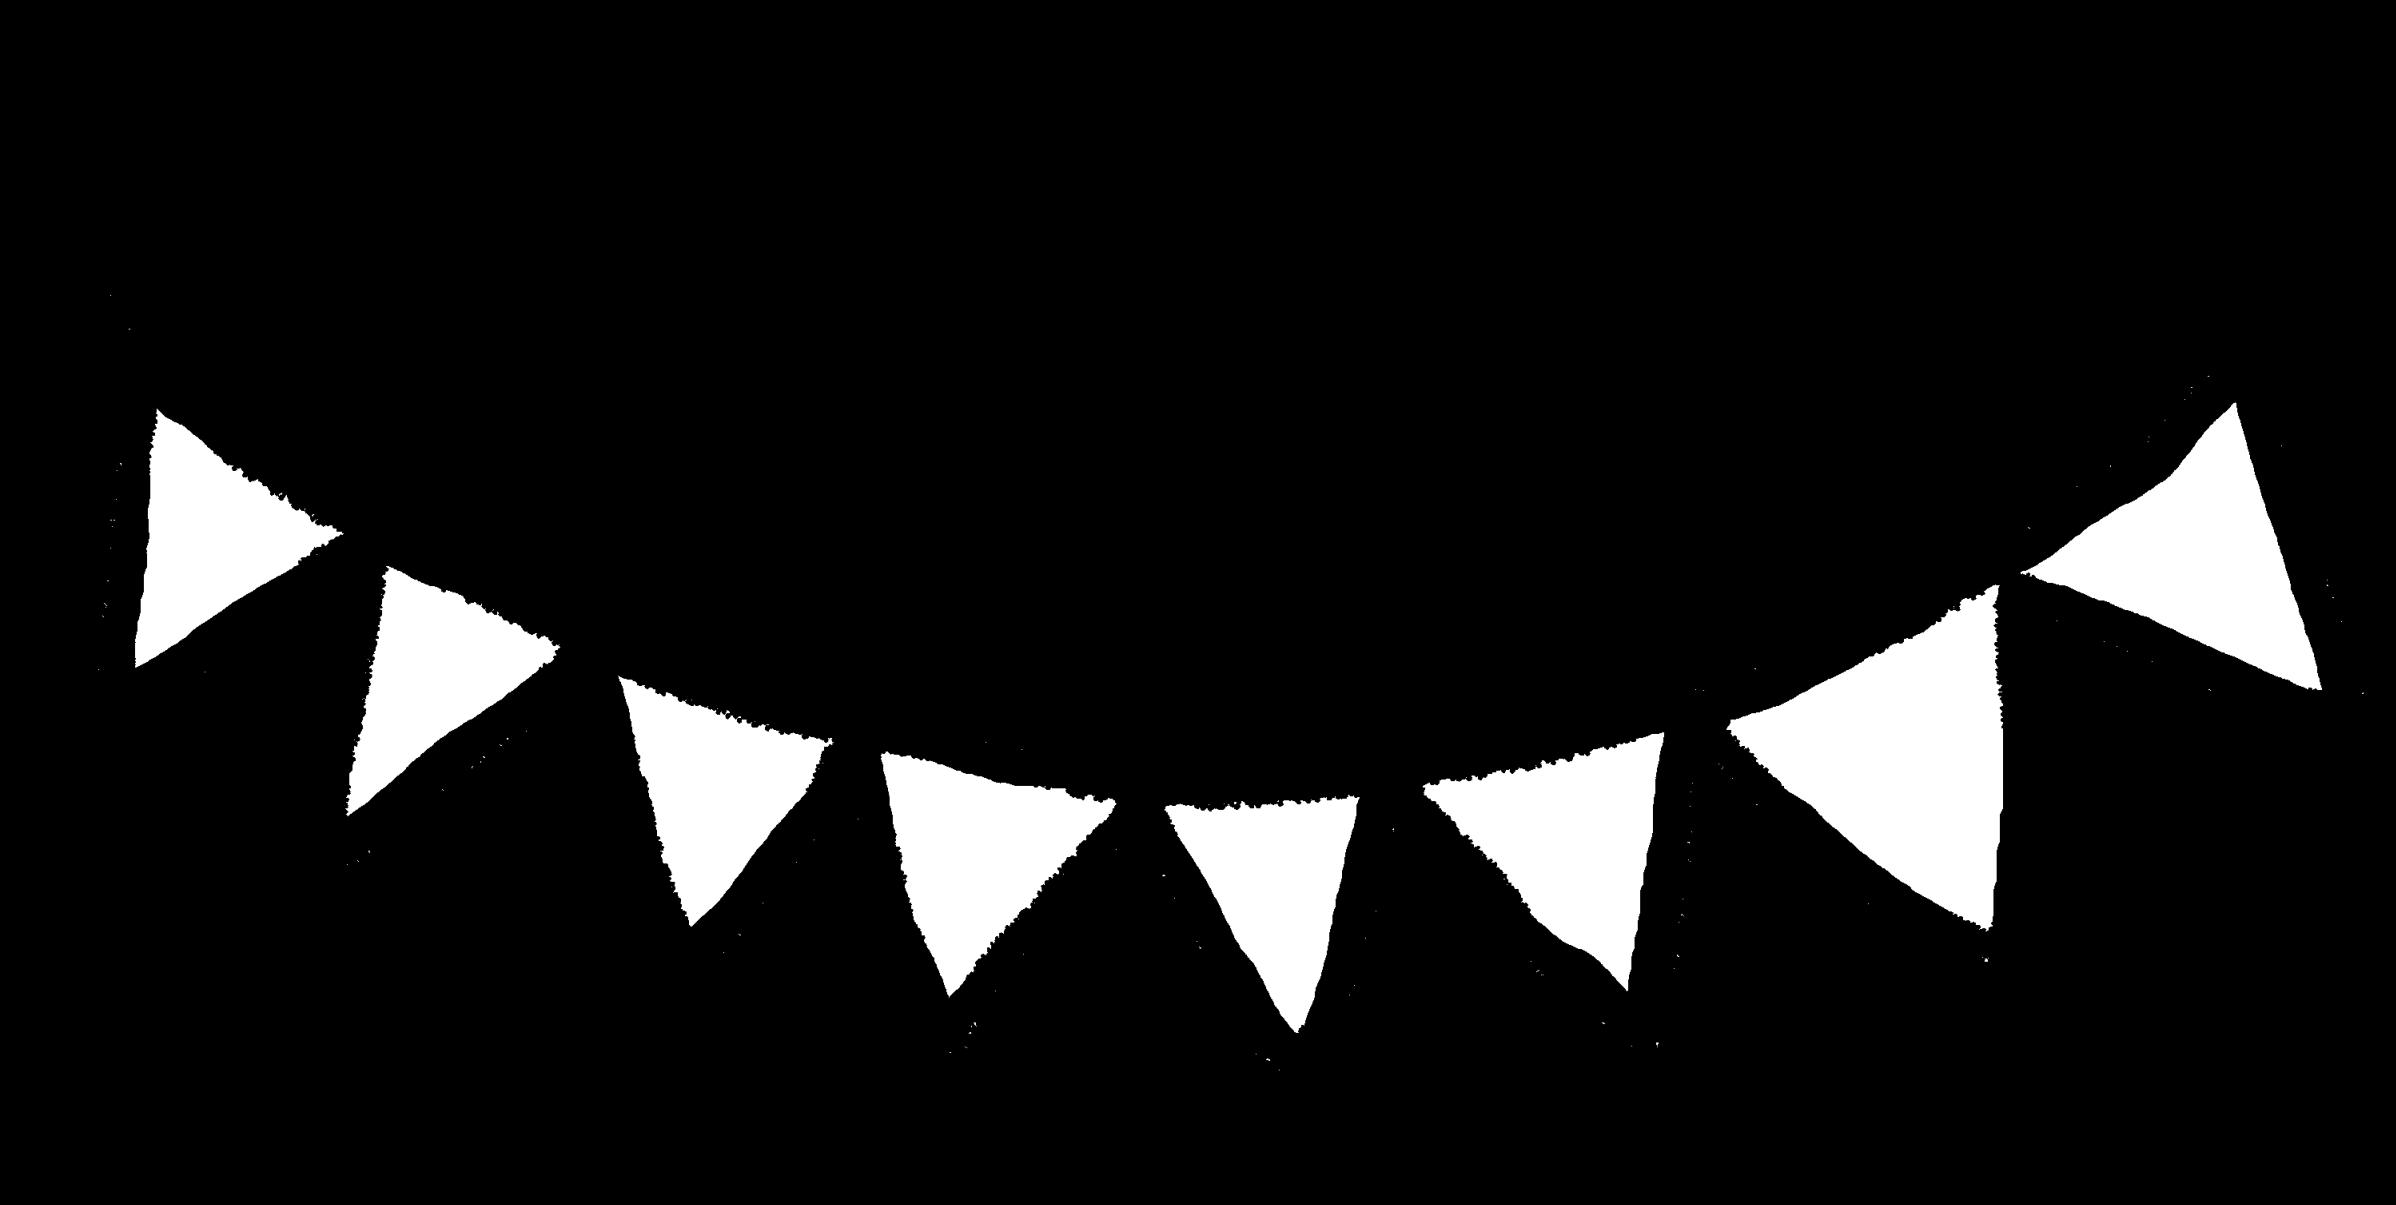 フラッグガーランド(2種)のイラスト / Flag Garland Illustration